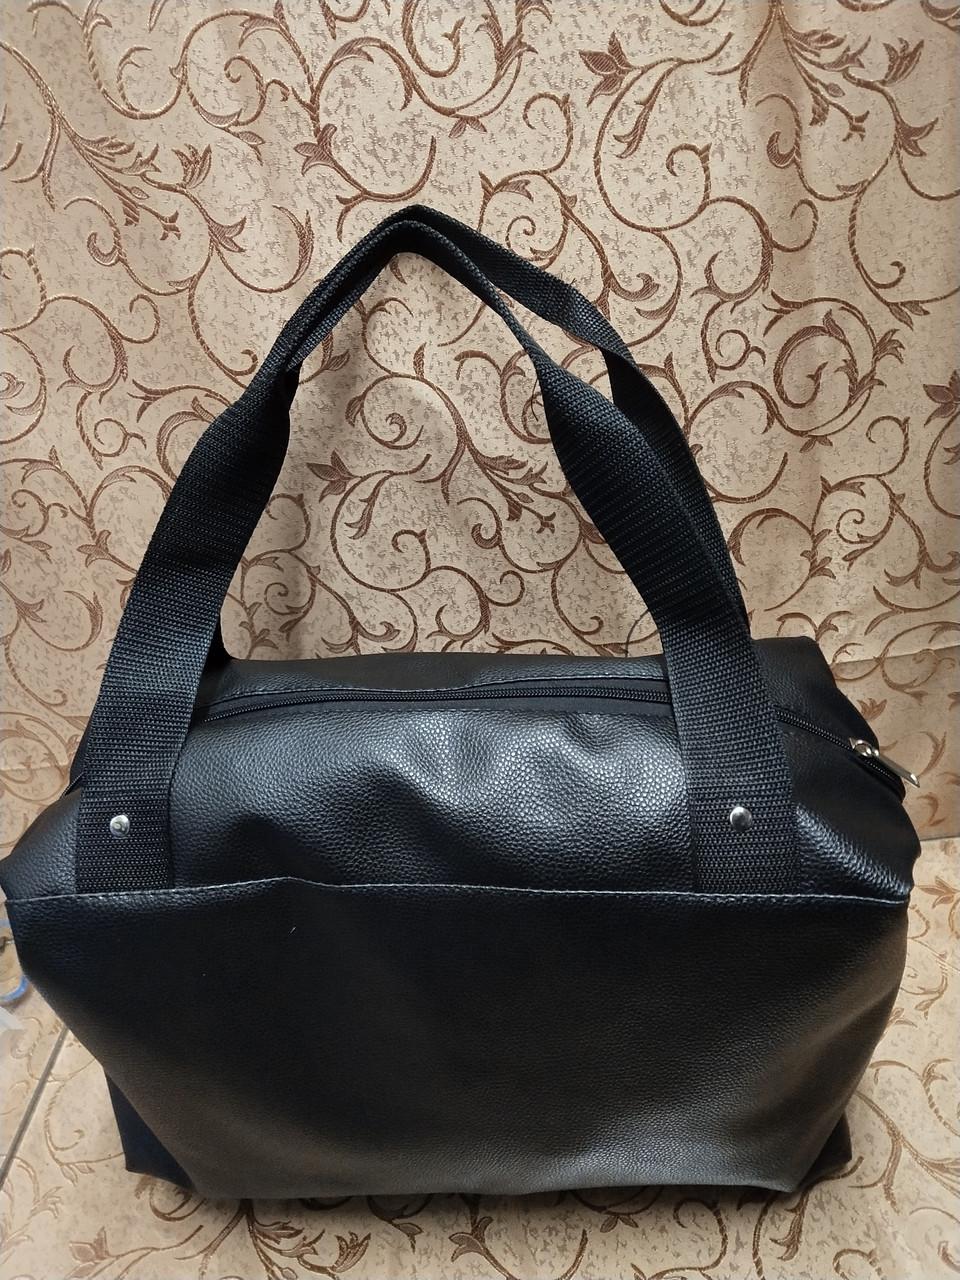 ce5f3056a480 Женская сумка GUCCI эко кожа (черная) 24*38*15.5: продажа, цена в ...